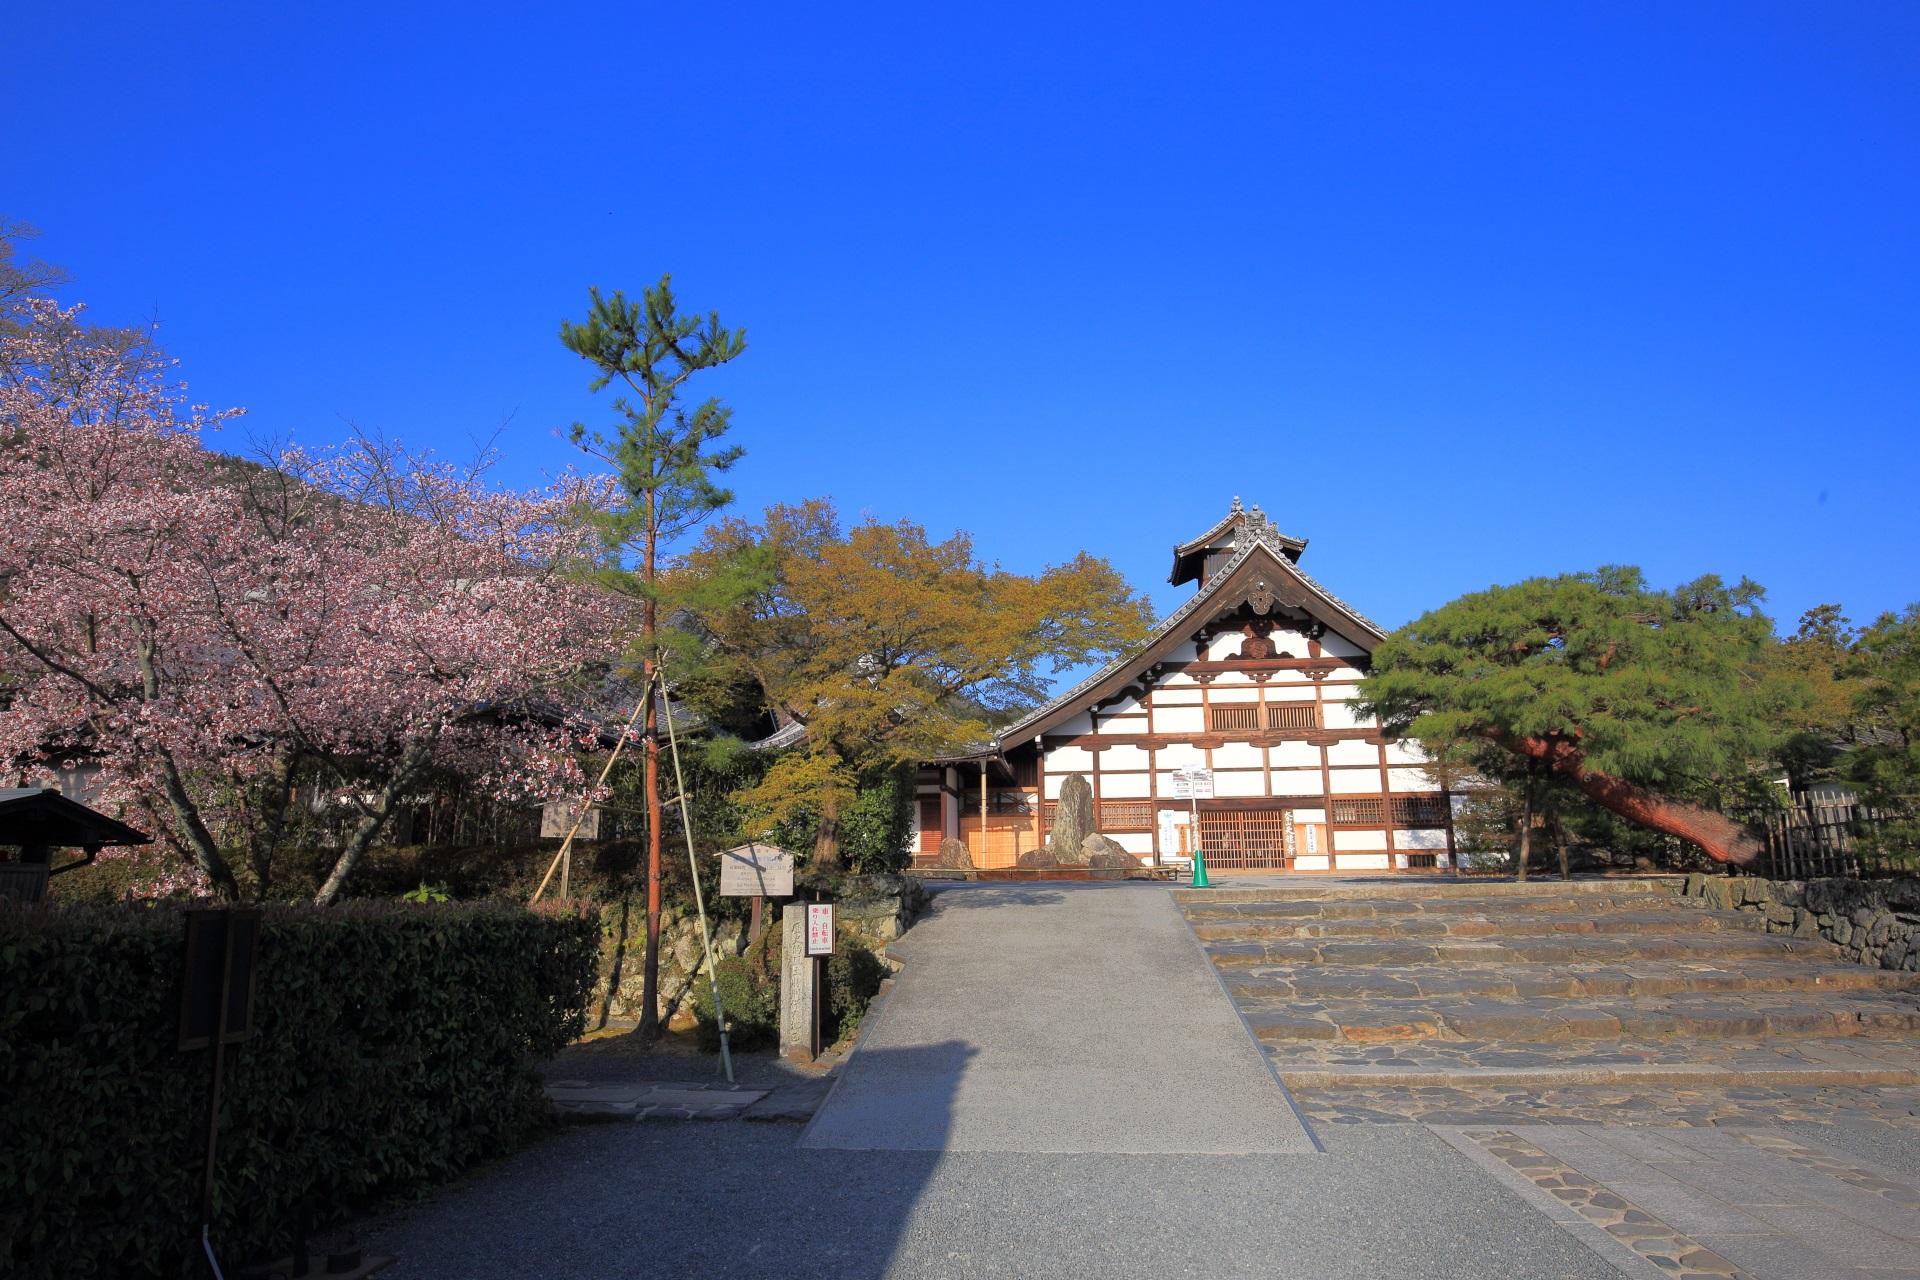 天龍寺の庫裏と桜